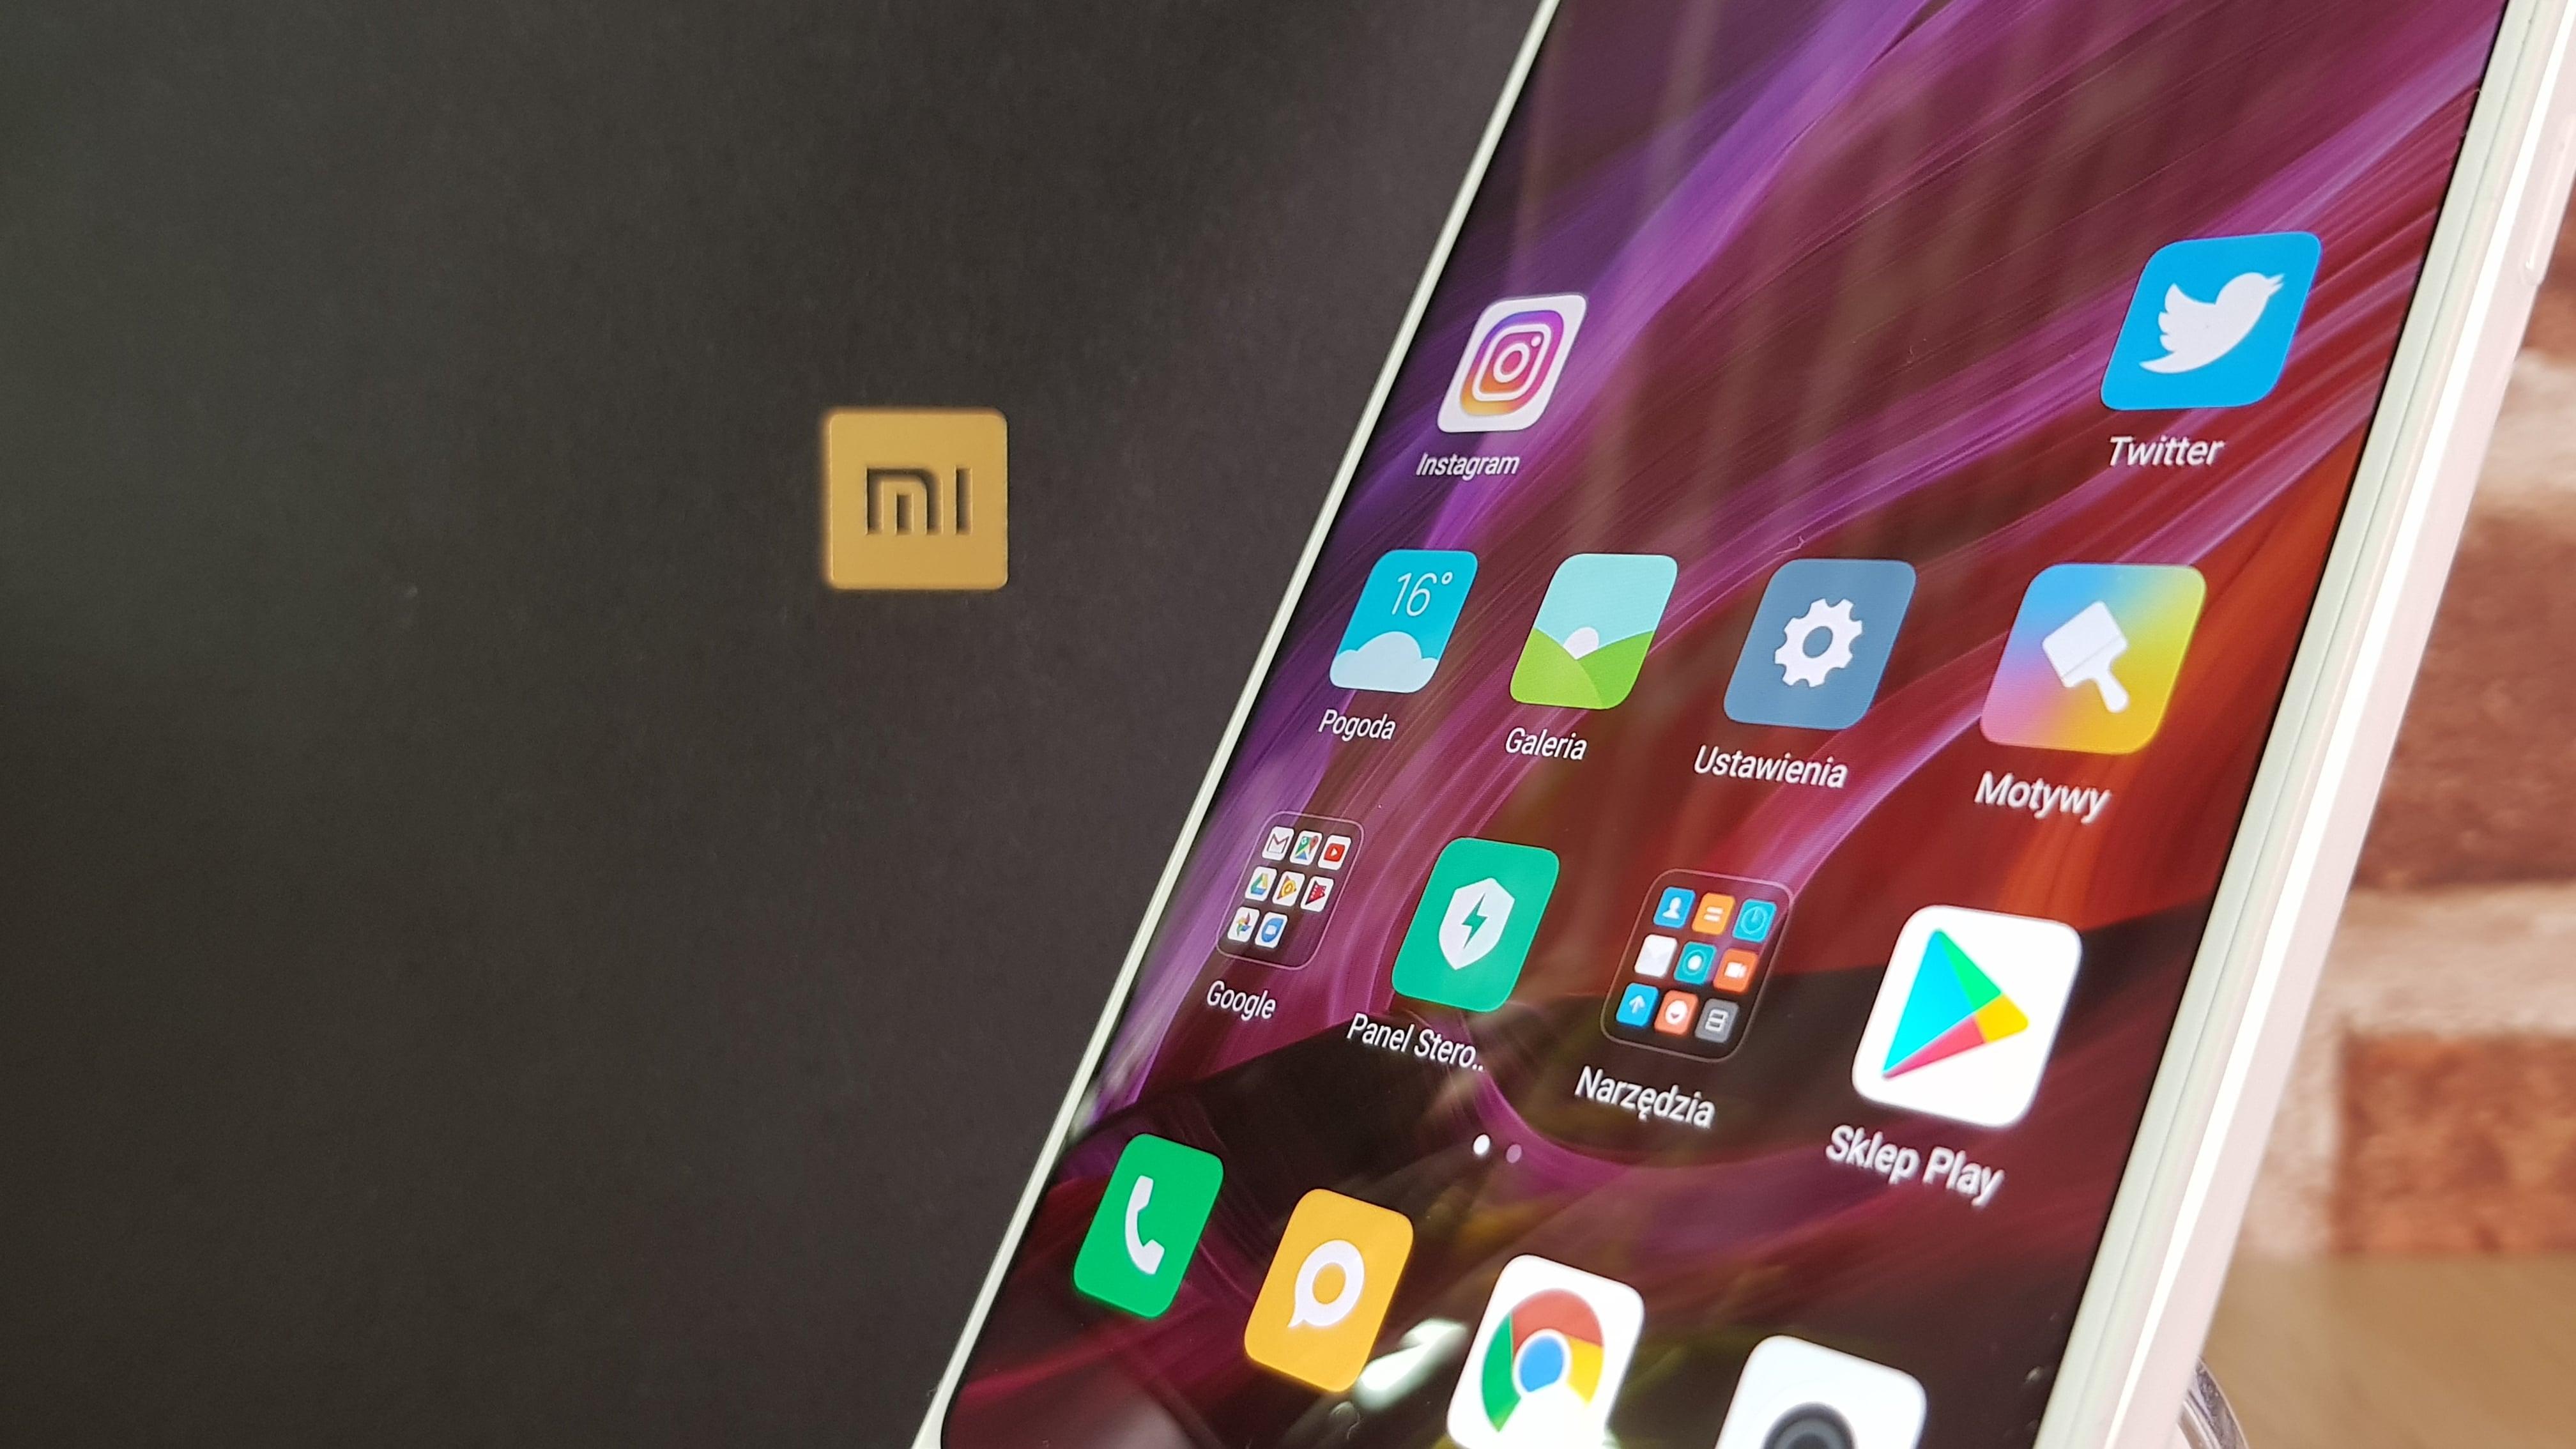 Linia Mi MIX to już pewnego rodzaju legenda wyznacznik nowoczesności i – w pewnym sensie – protoplasta bezramkowych smartfon³w kt³re tak ochoczo podłapały